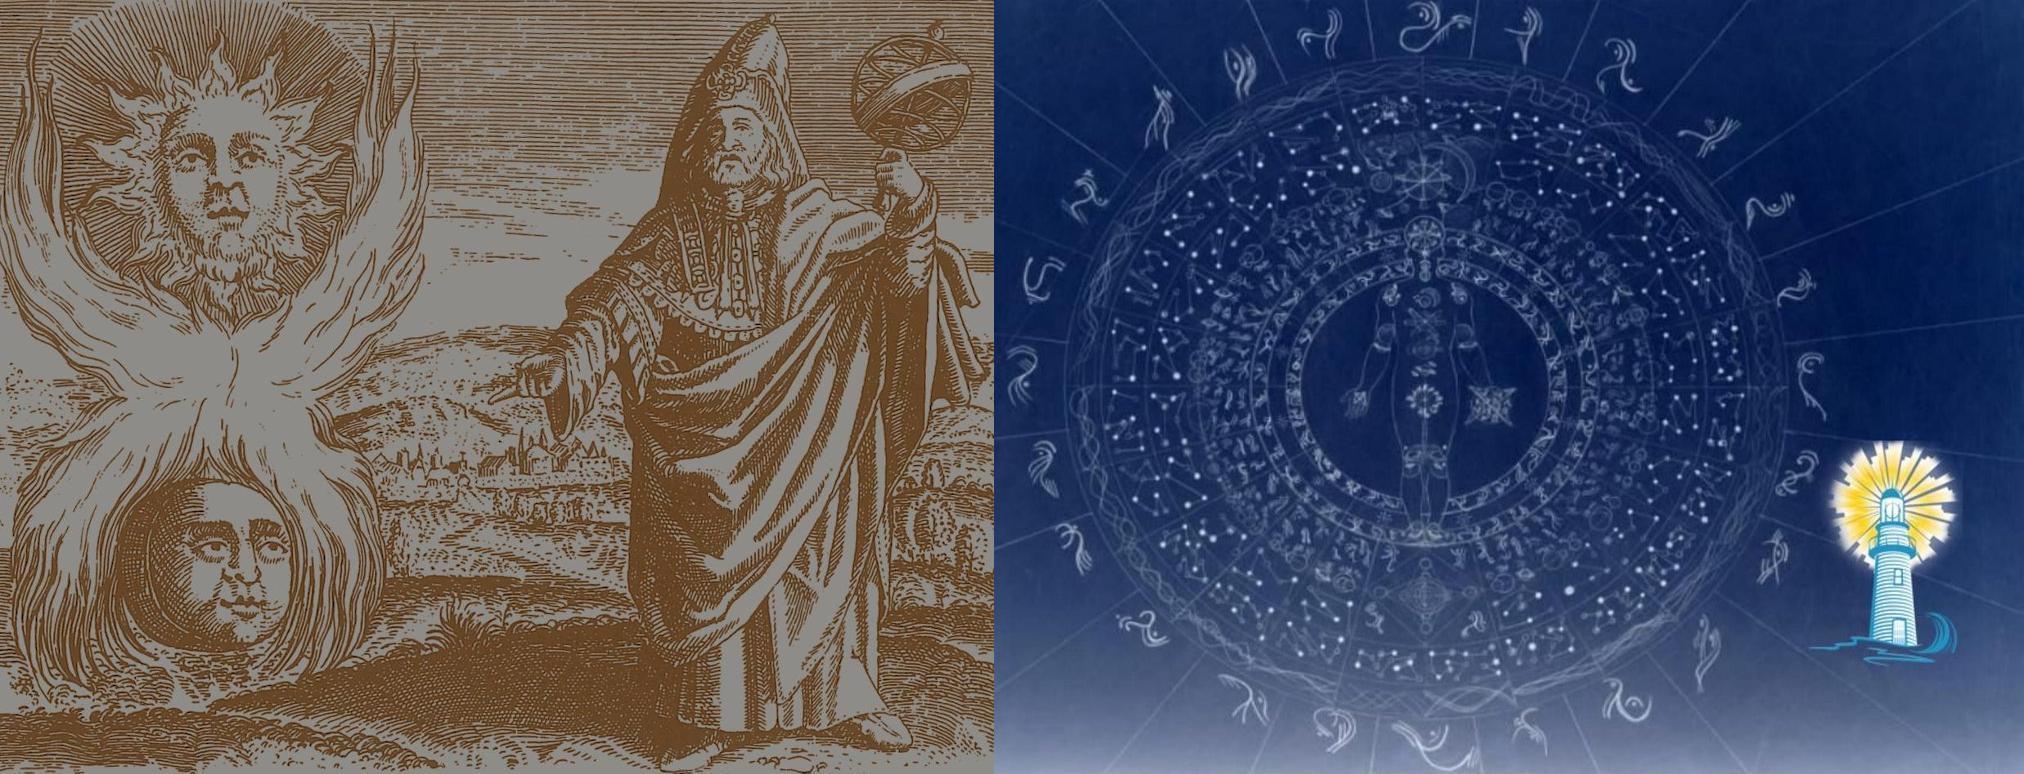 *** Дві протилежності Всесвіту -- Принцип Шива та Принцип Шакті -- поєднуються та дають творіння й динамічну творчість ***